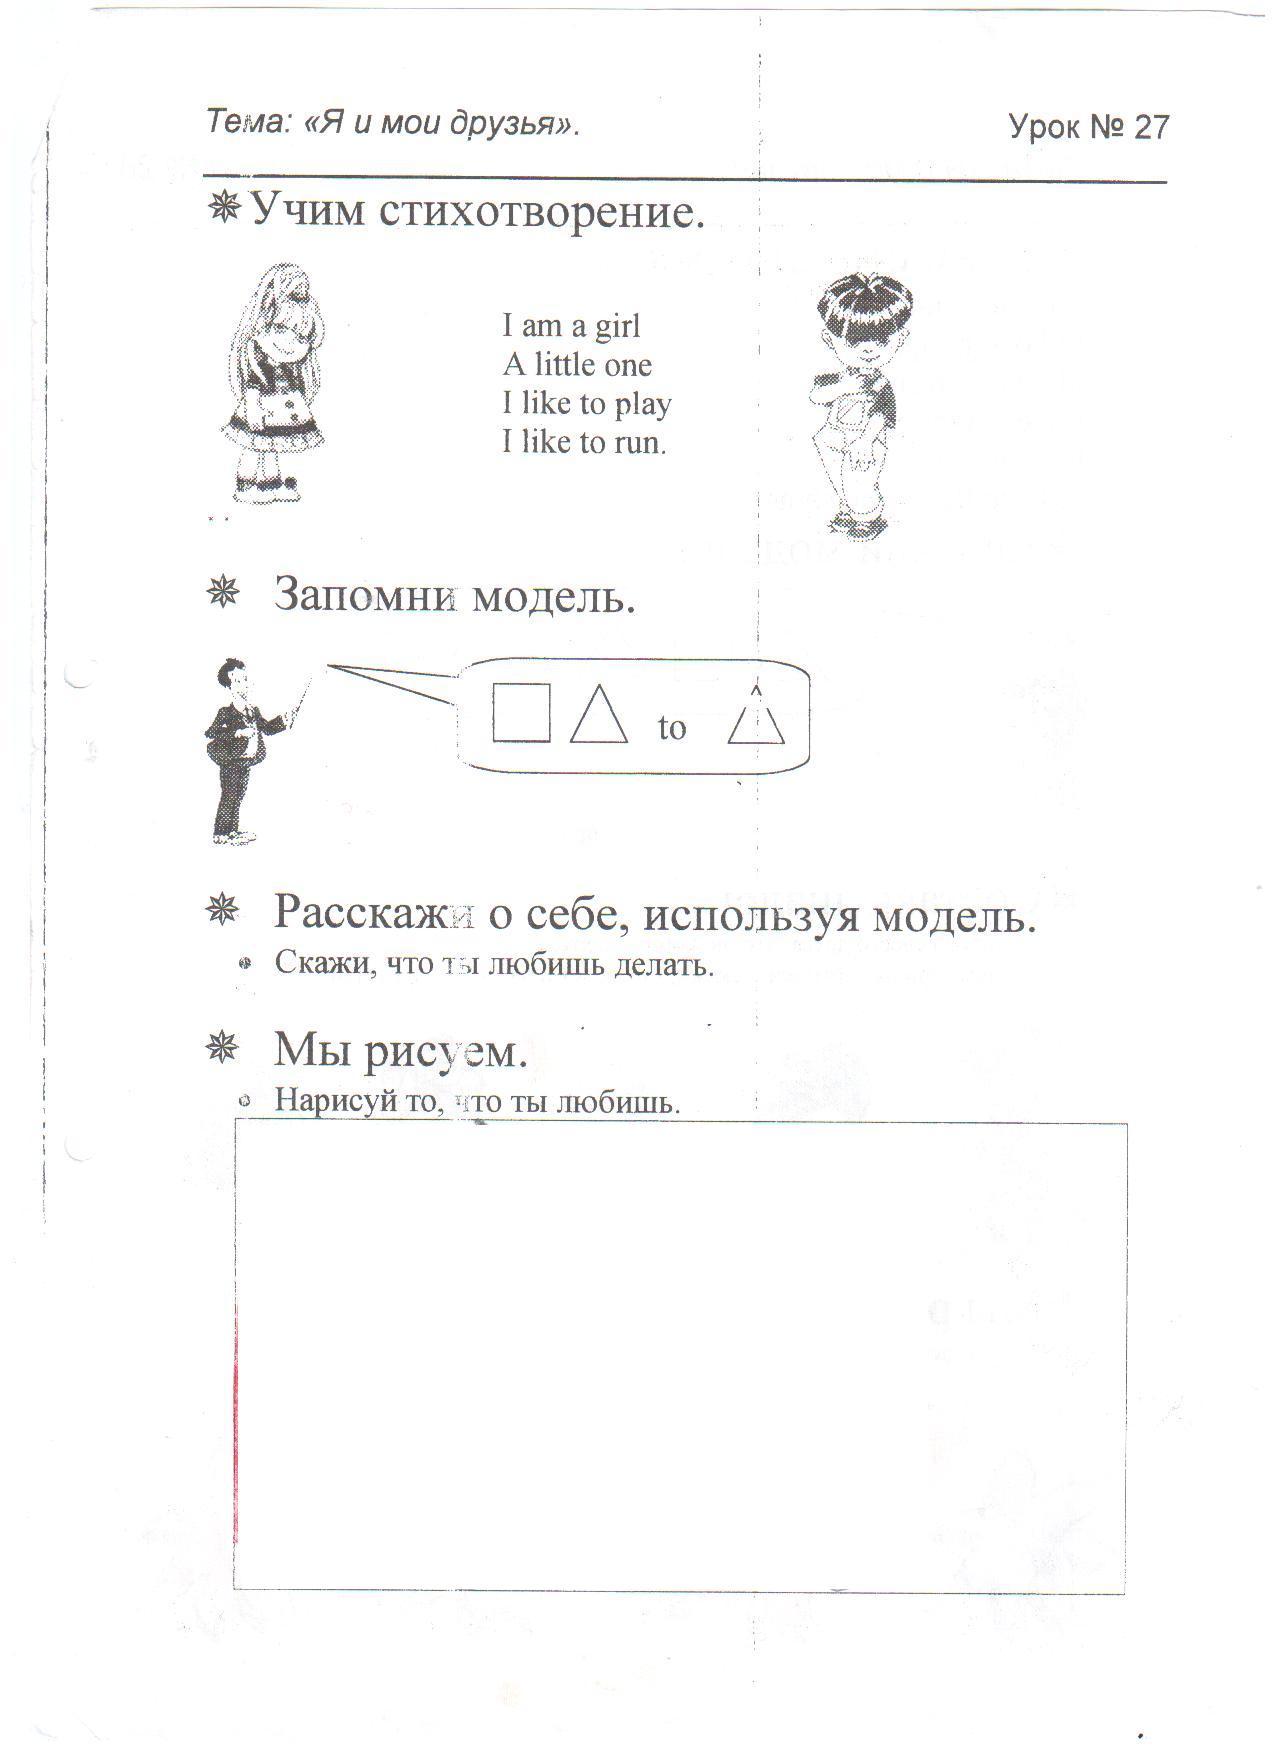 C:\Documents and Settings\Admin\Мои документы\Мои рисунки\Изображение\Изображение 097.jpg